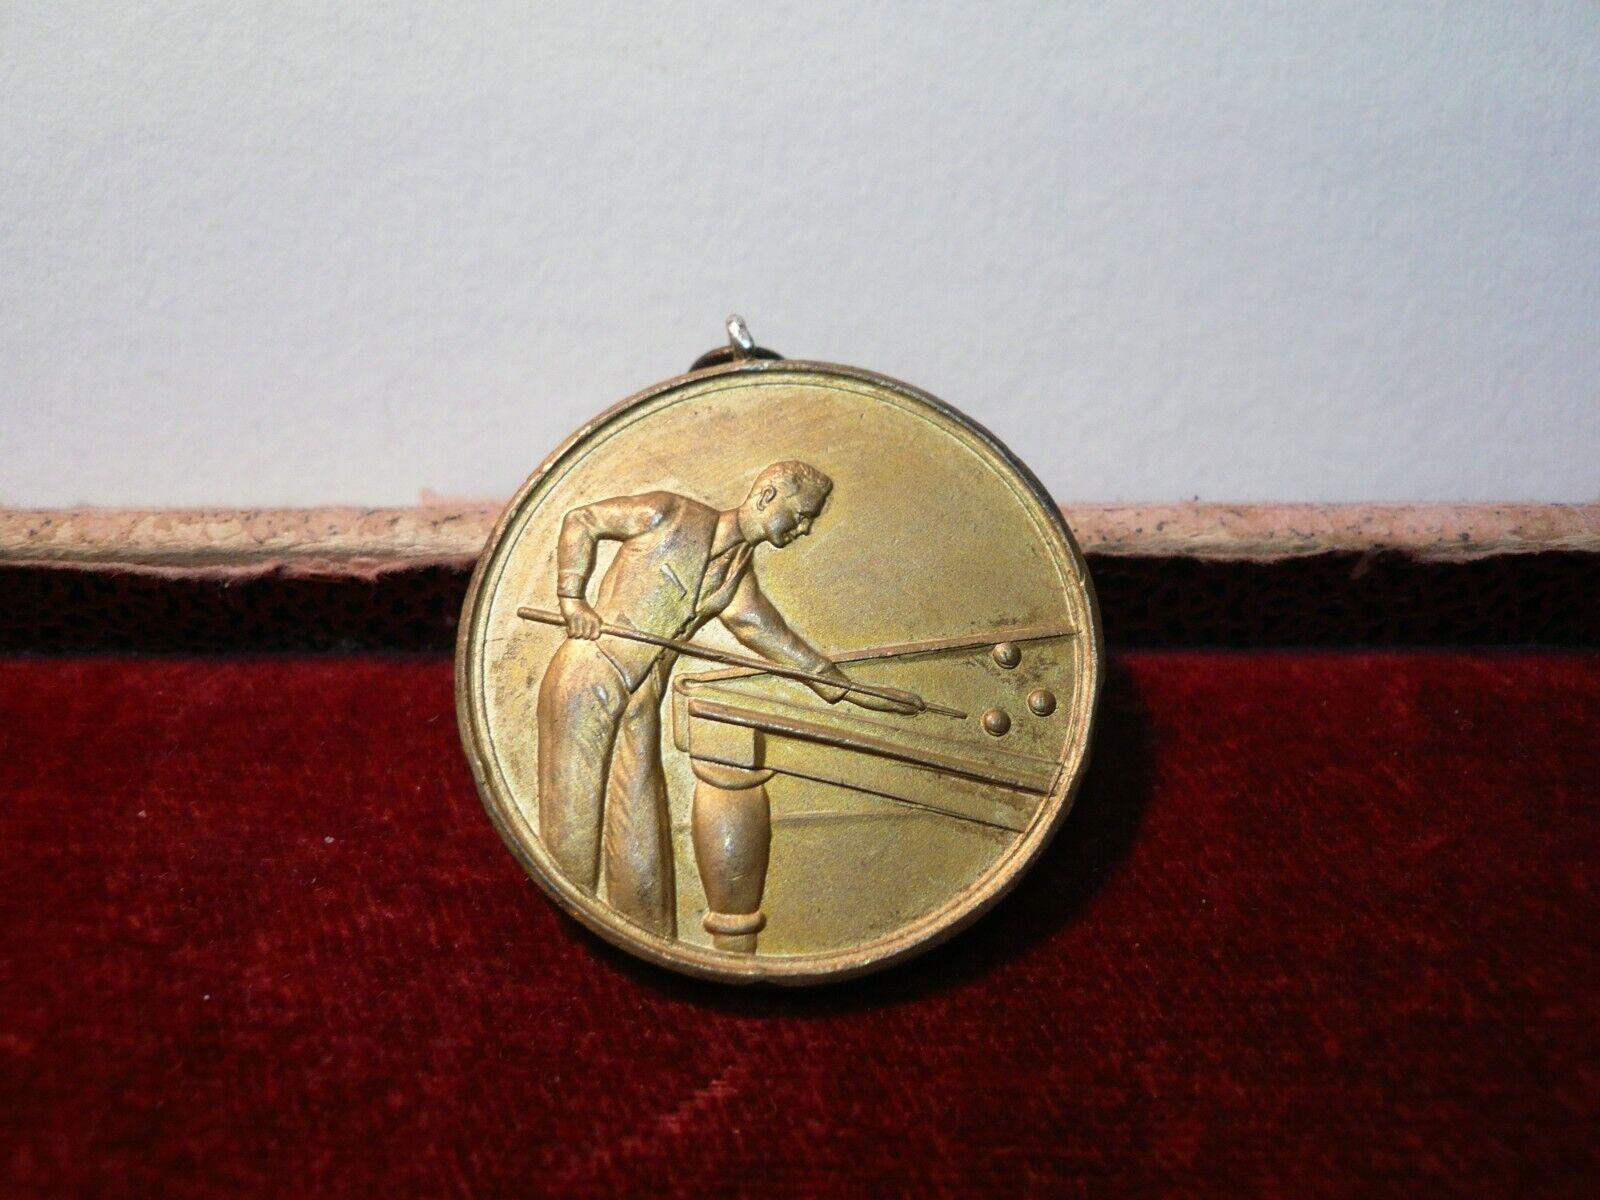 Old / Vintage Snooker / Billiards bronze medal